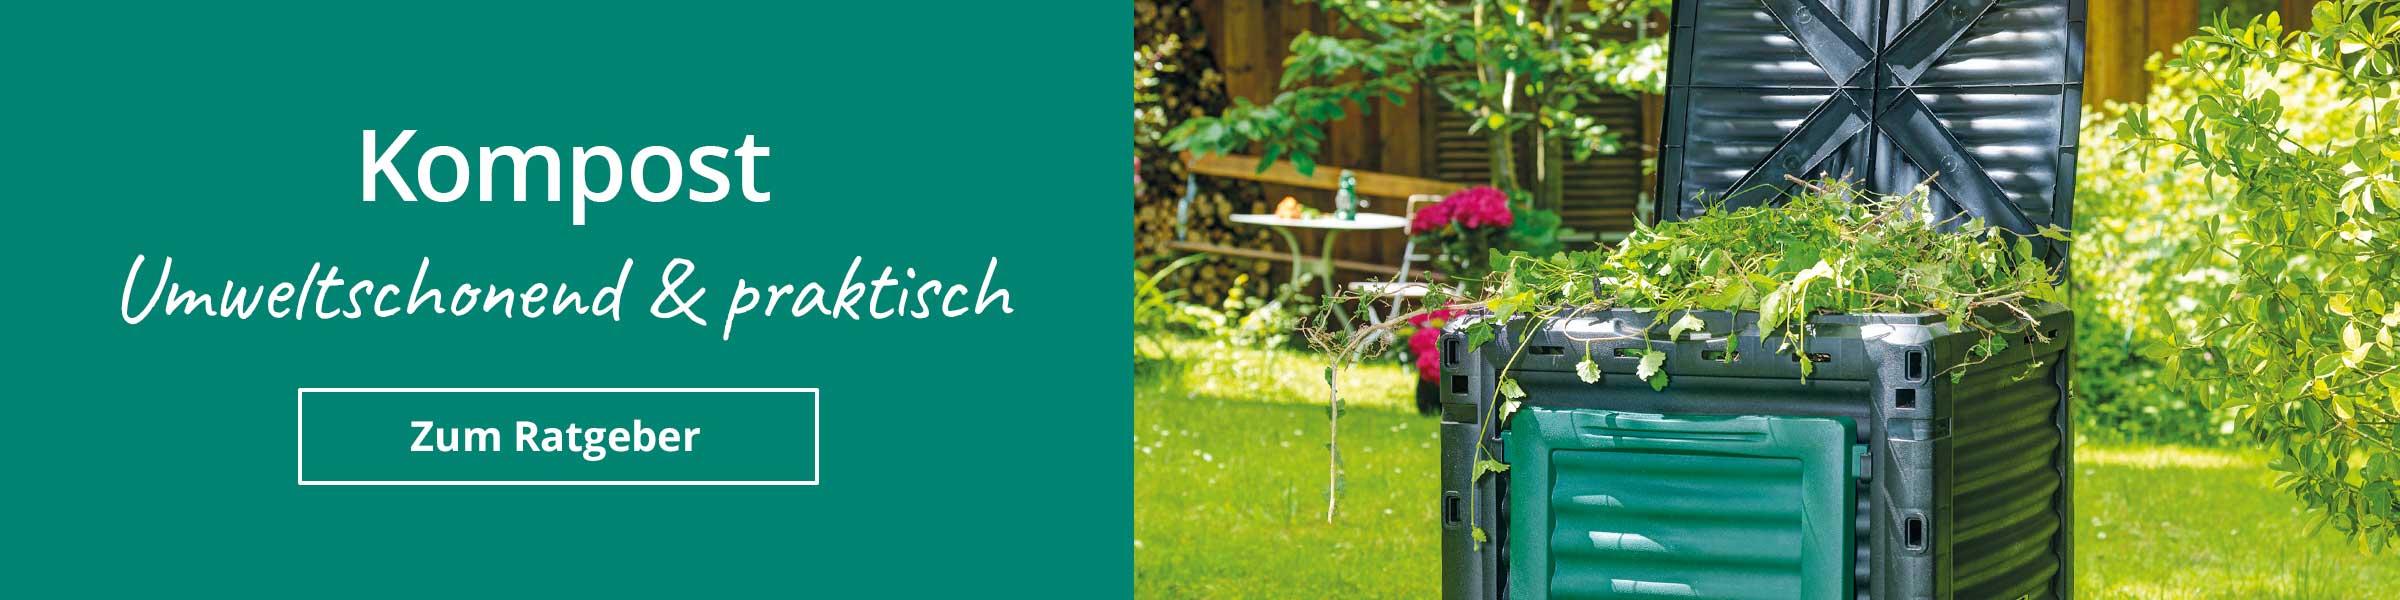 Khw Kunststoff Komposter Ohne Boden 340 Liter Dehner